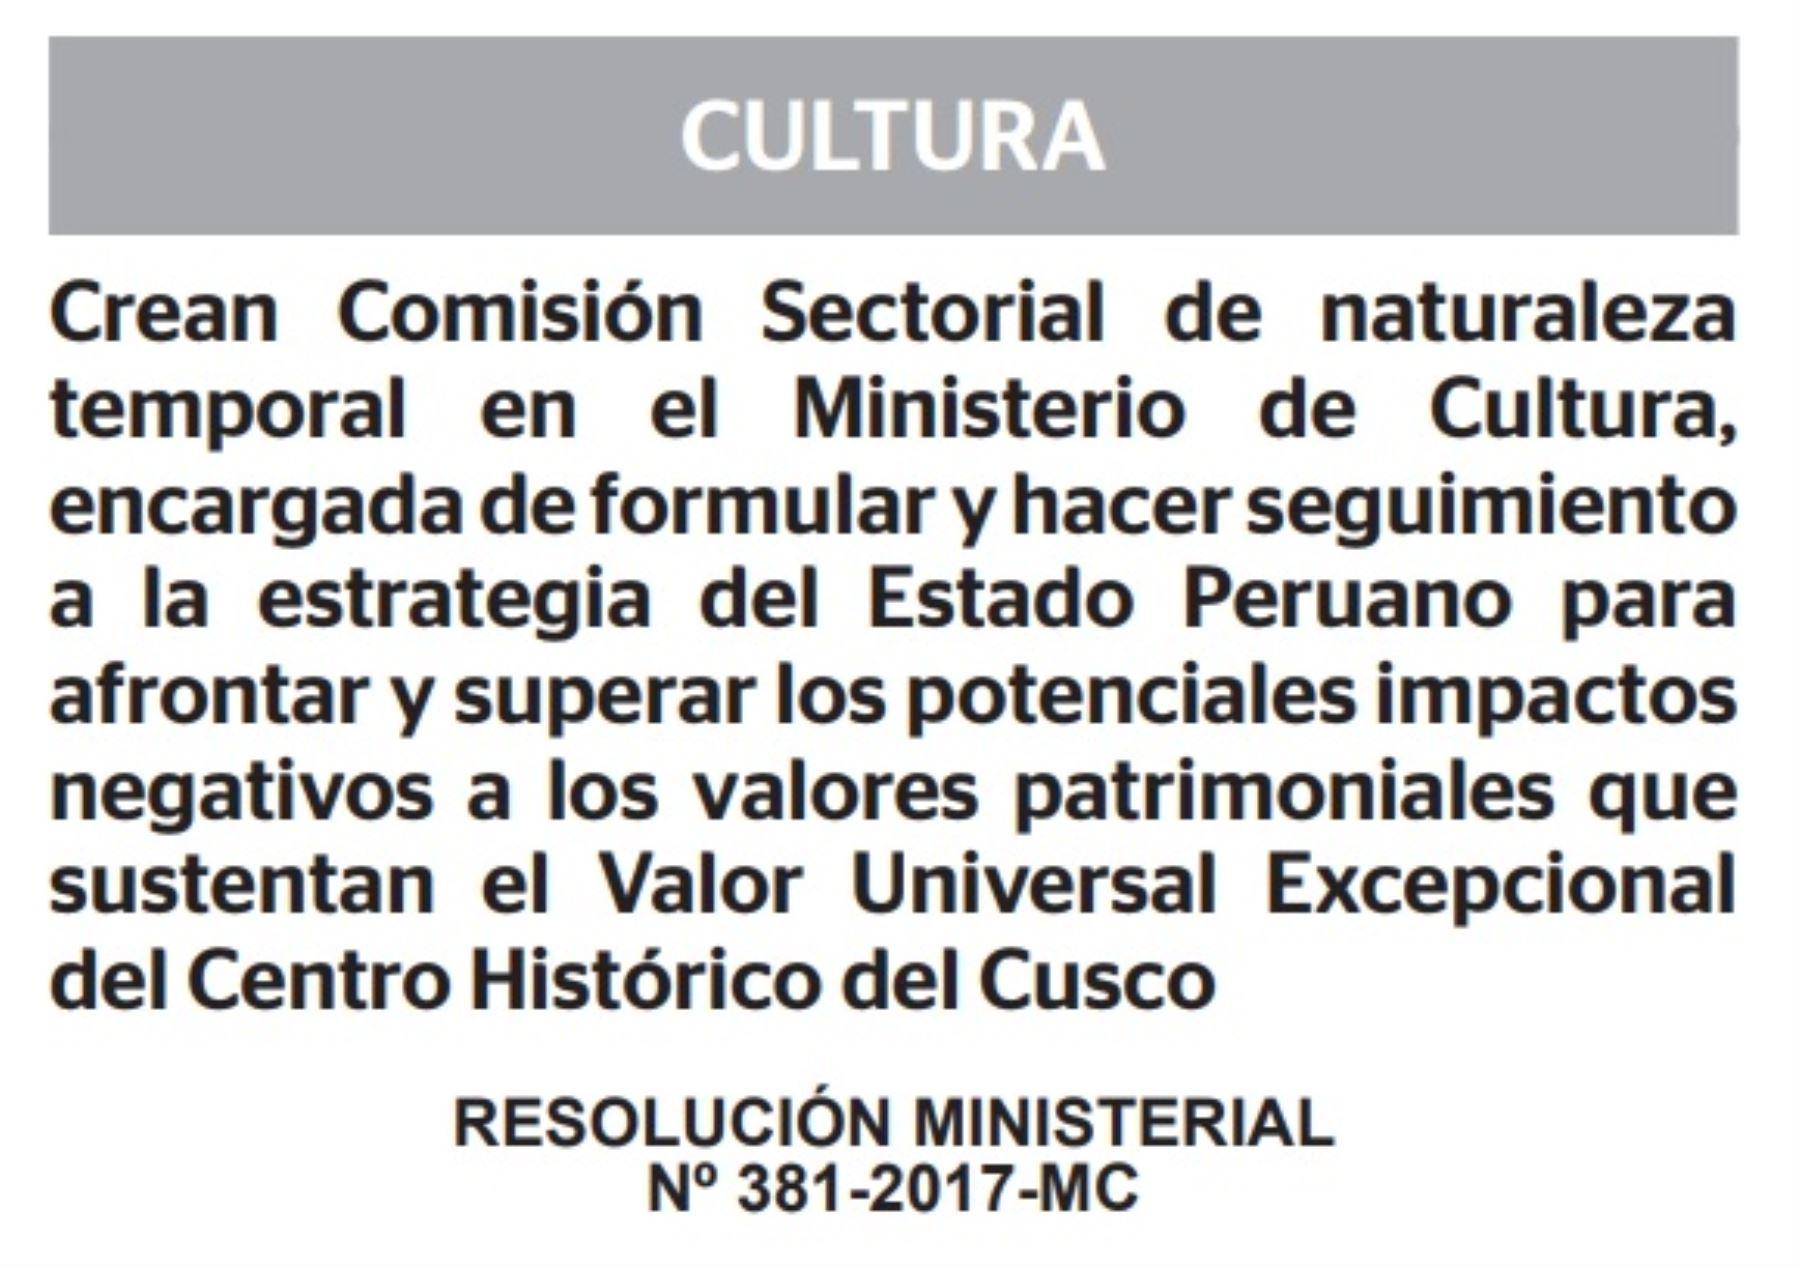 El Ministerio de Cultura creó una comisión sectorial de naturaleza temporal encargada de formular y hacer seguimiento a la estrategia del Estado Peruano para afrontar y superar los potenciales impactos negativos a los valores patrimoniales que sustentan el Valor Universal Excepcional del Centro Histórico del Cusco declarado por la Unesco.